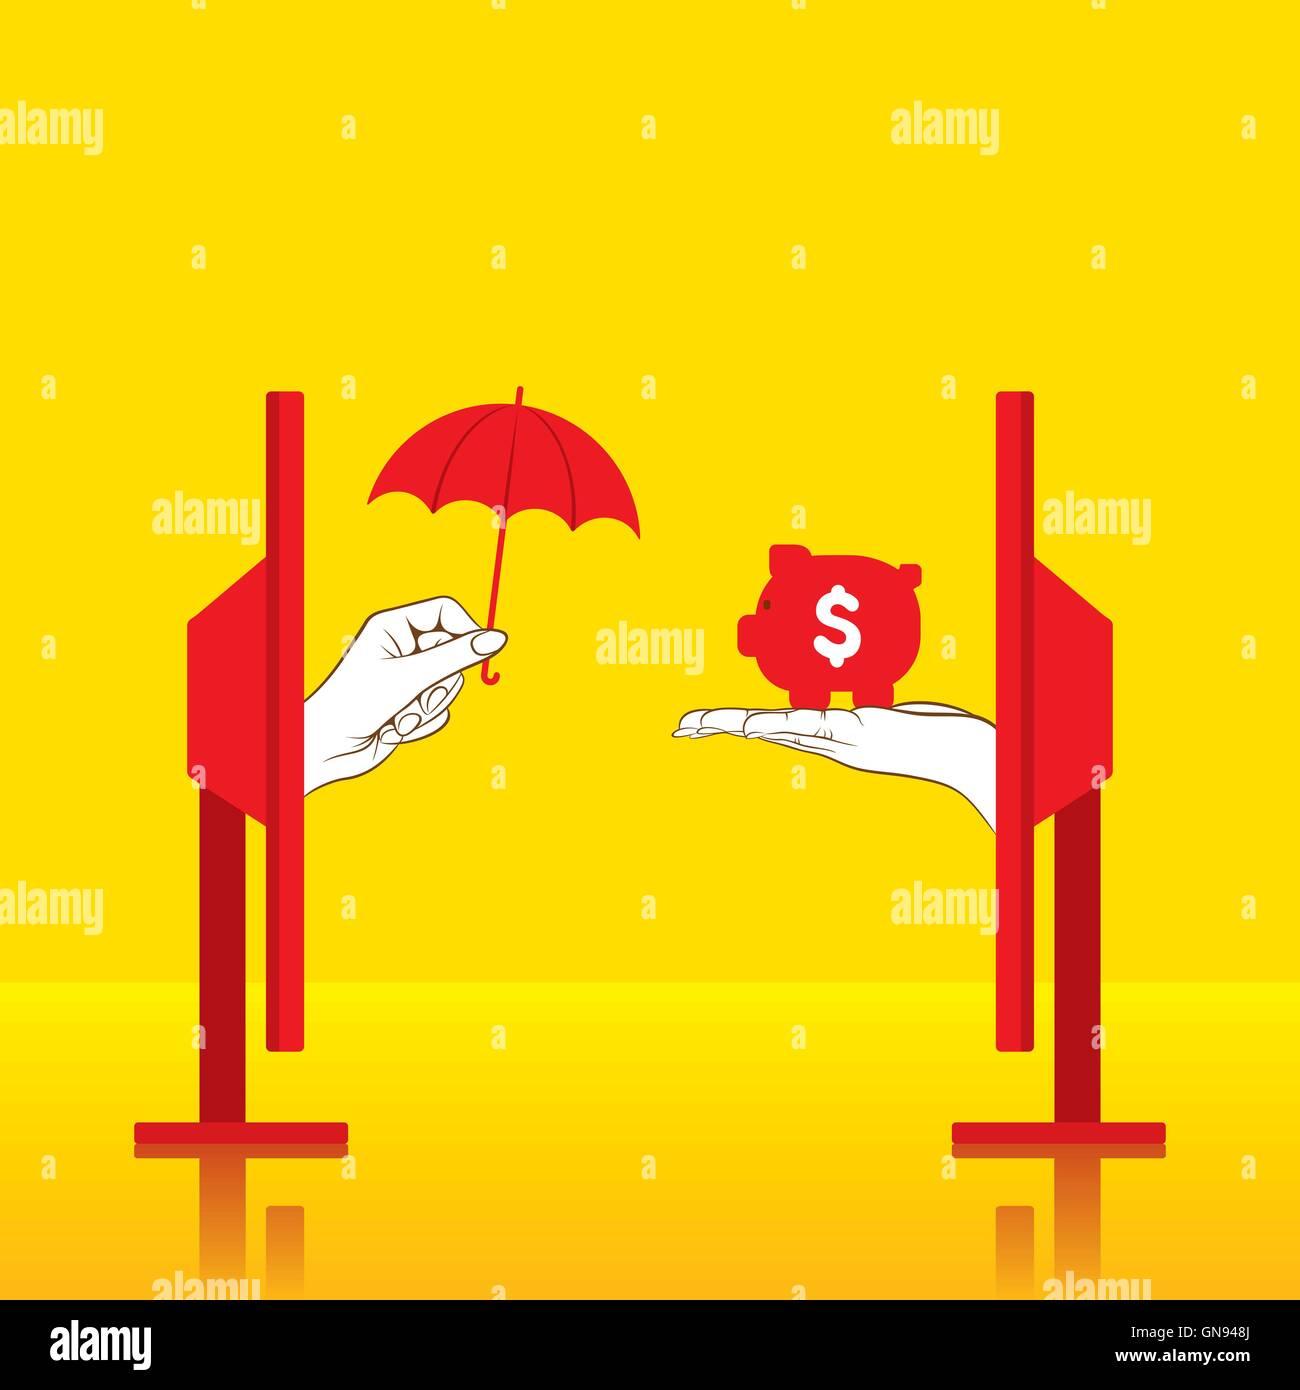 Creative sicuro concettuale di denaro o di assicurare denaro concept design Immagini Stock